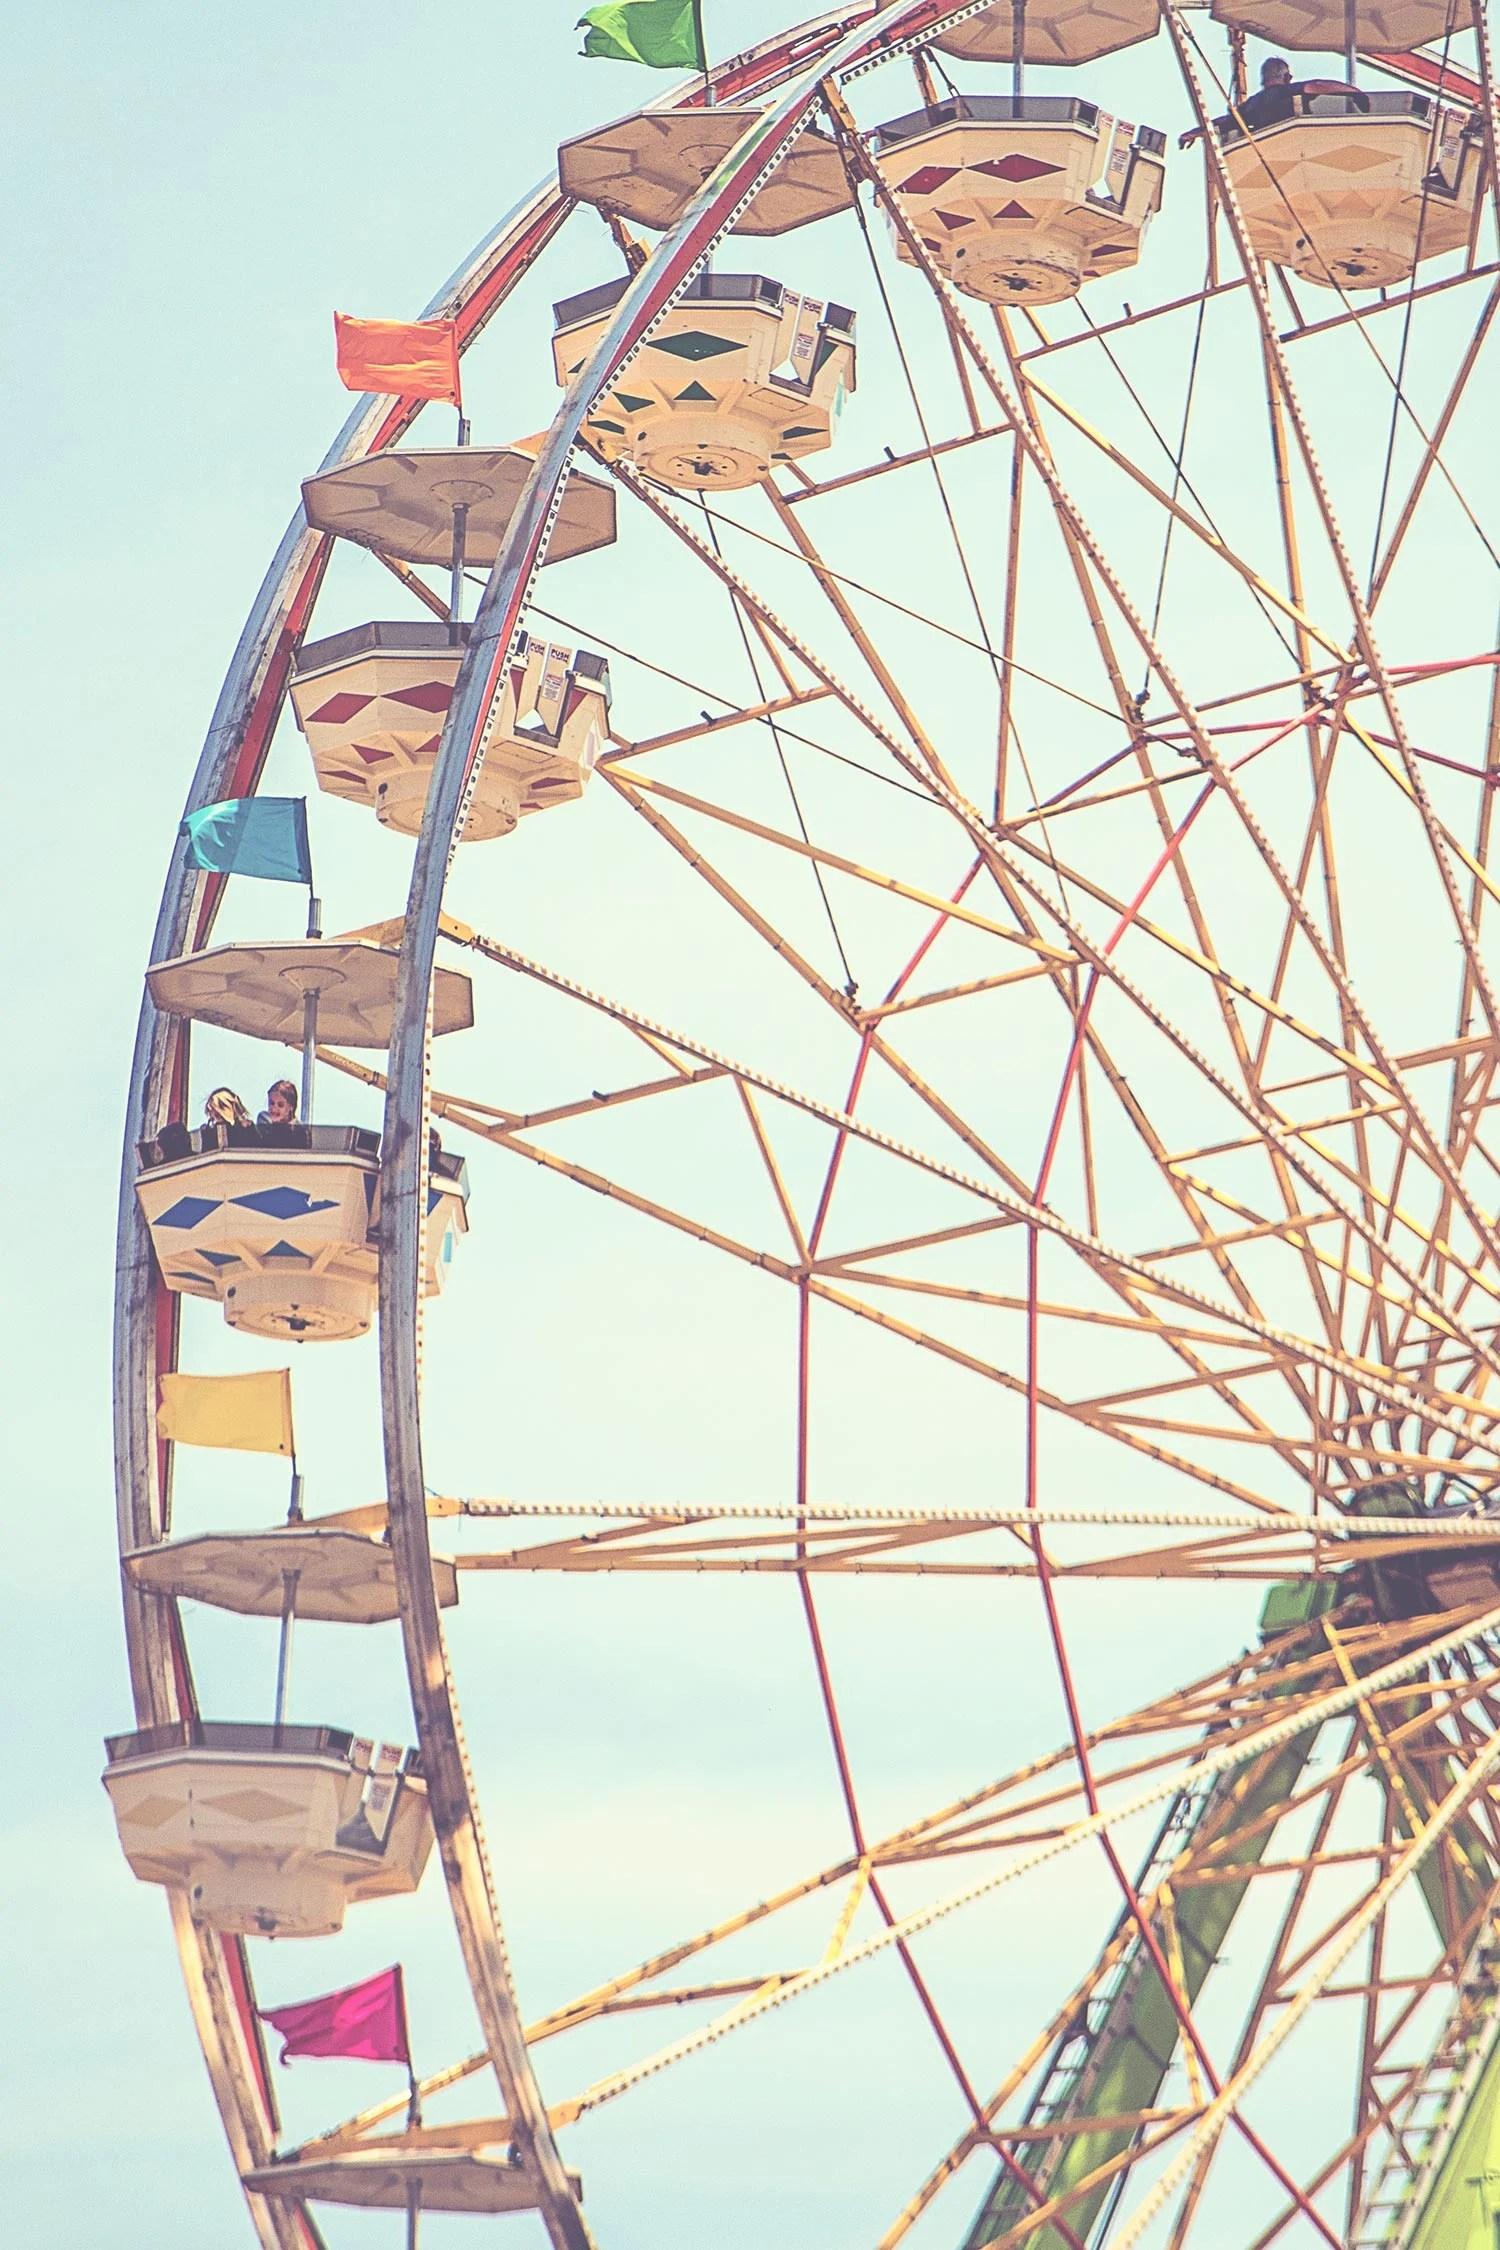 Visit a Fair.  Summer Bucket List